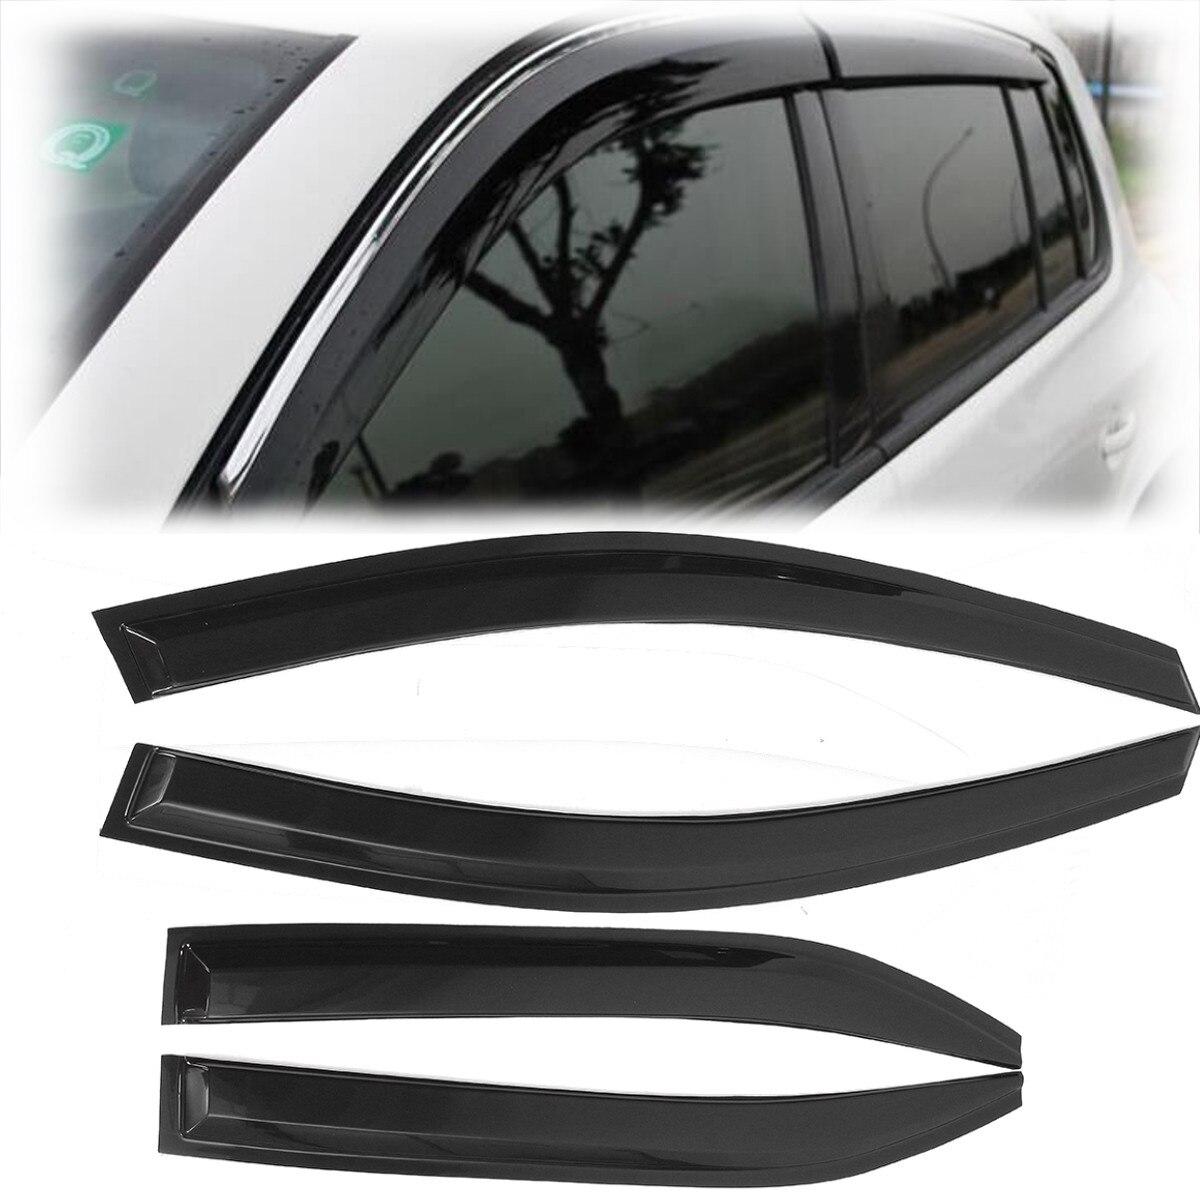 Car Window Visor Rain Guard Sun Visor Vent Shade Wind Deflector for Toyota Camry  2007 2008 2009 2010 2011 930292a4e10